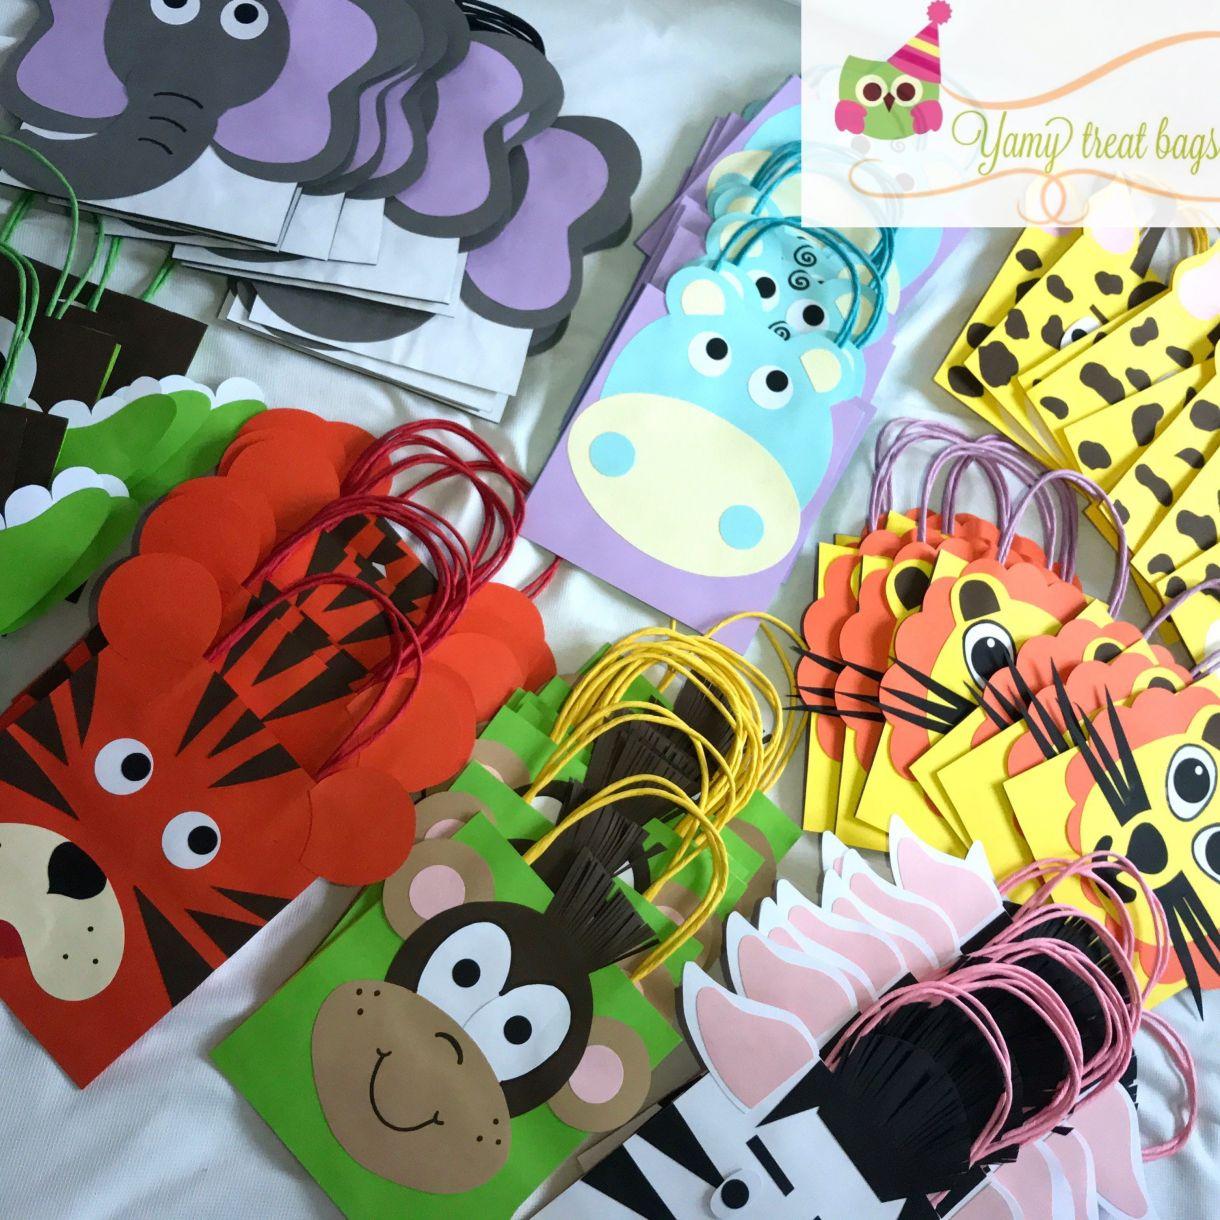 Yamy Treat Bags 8